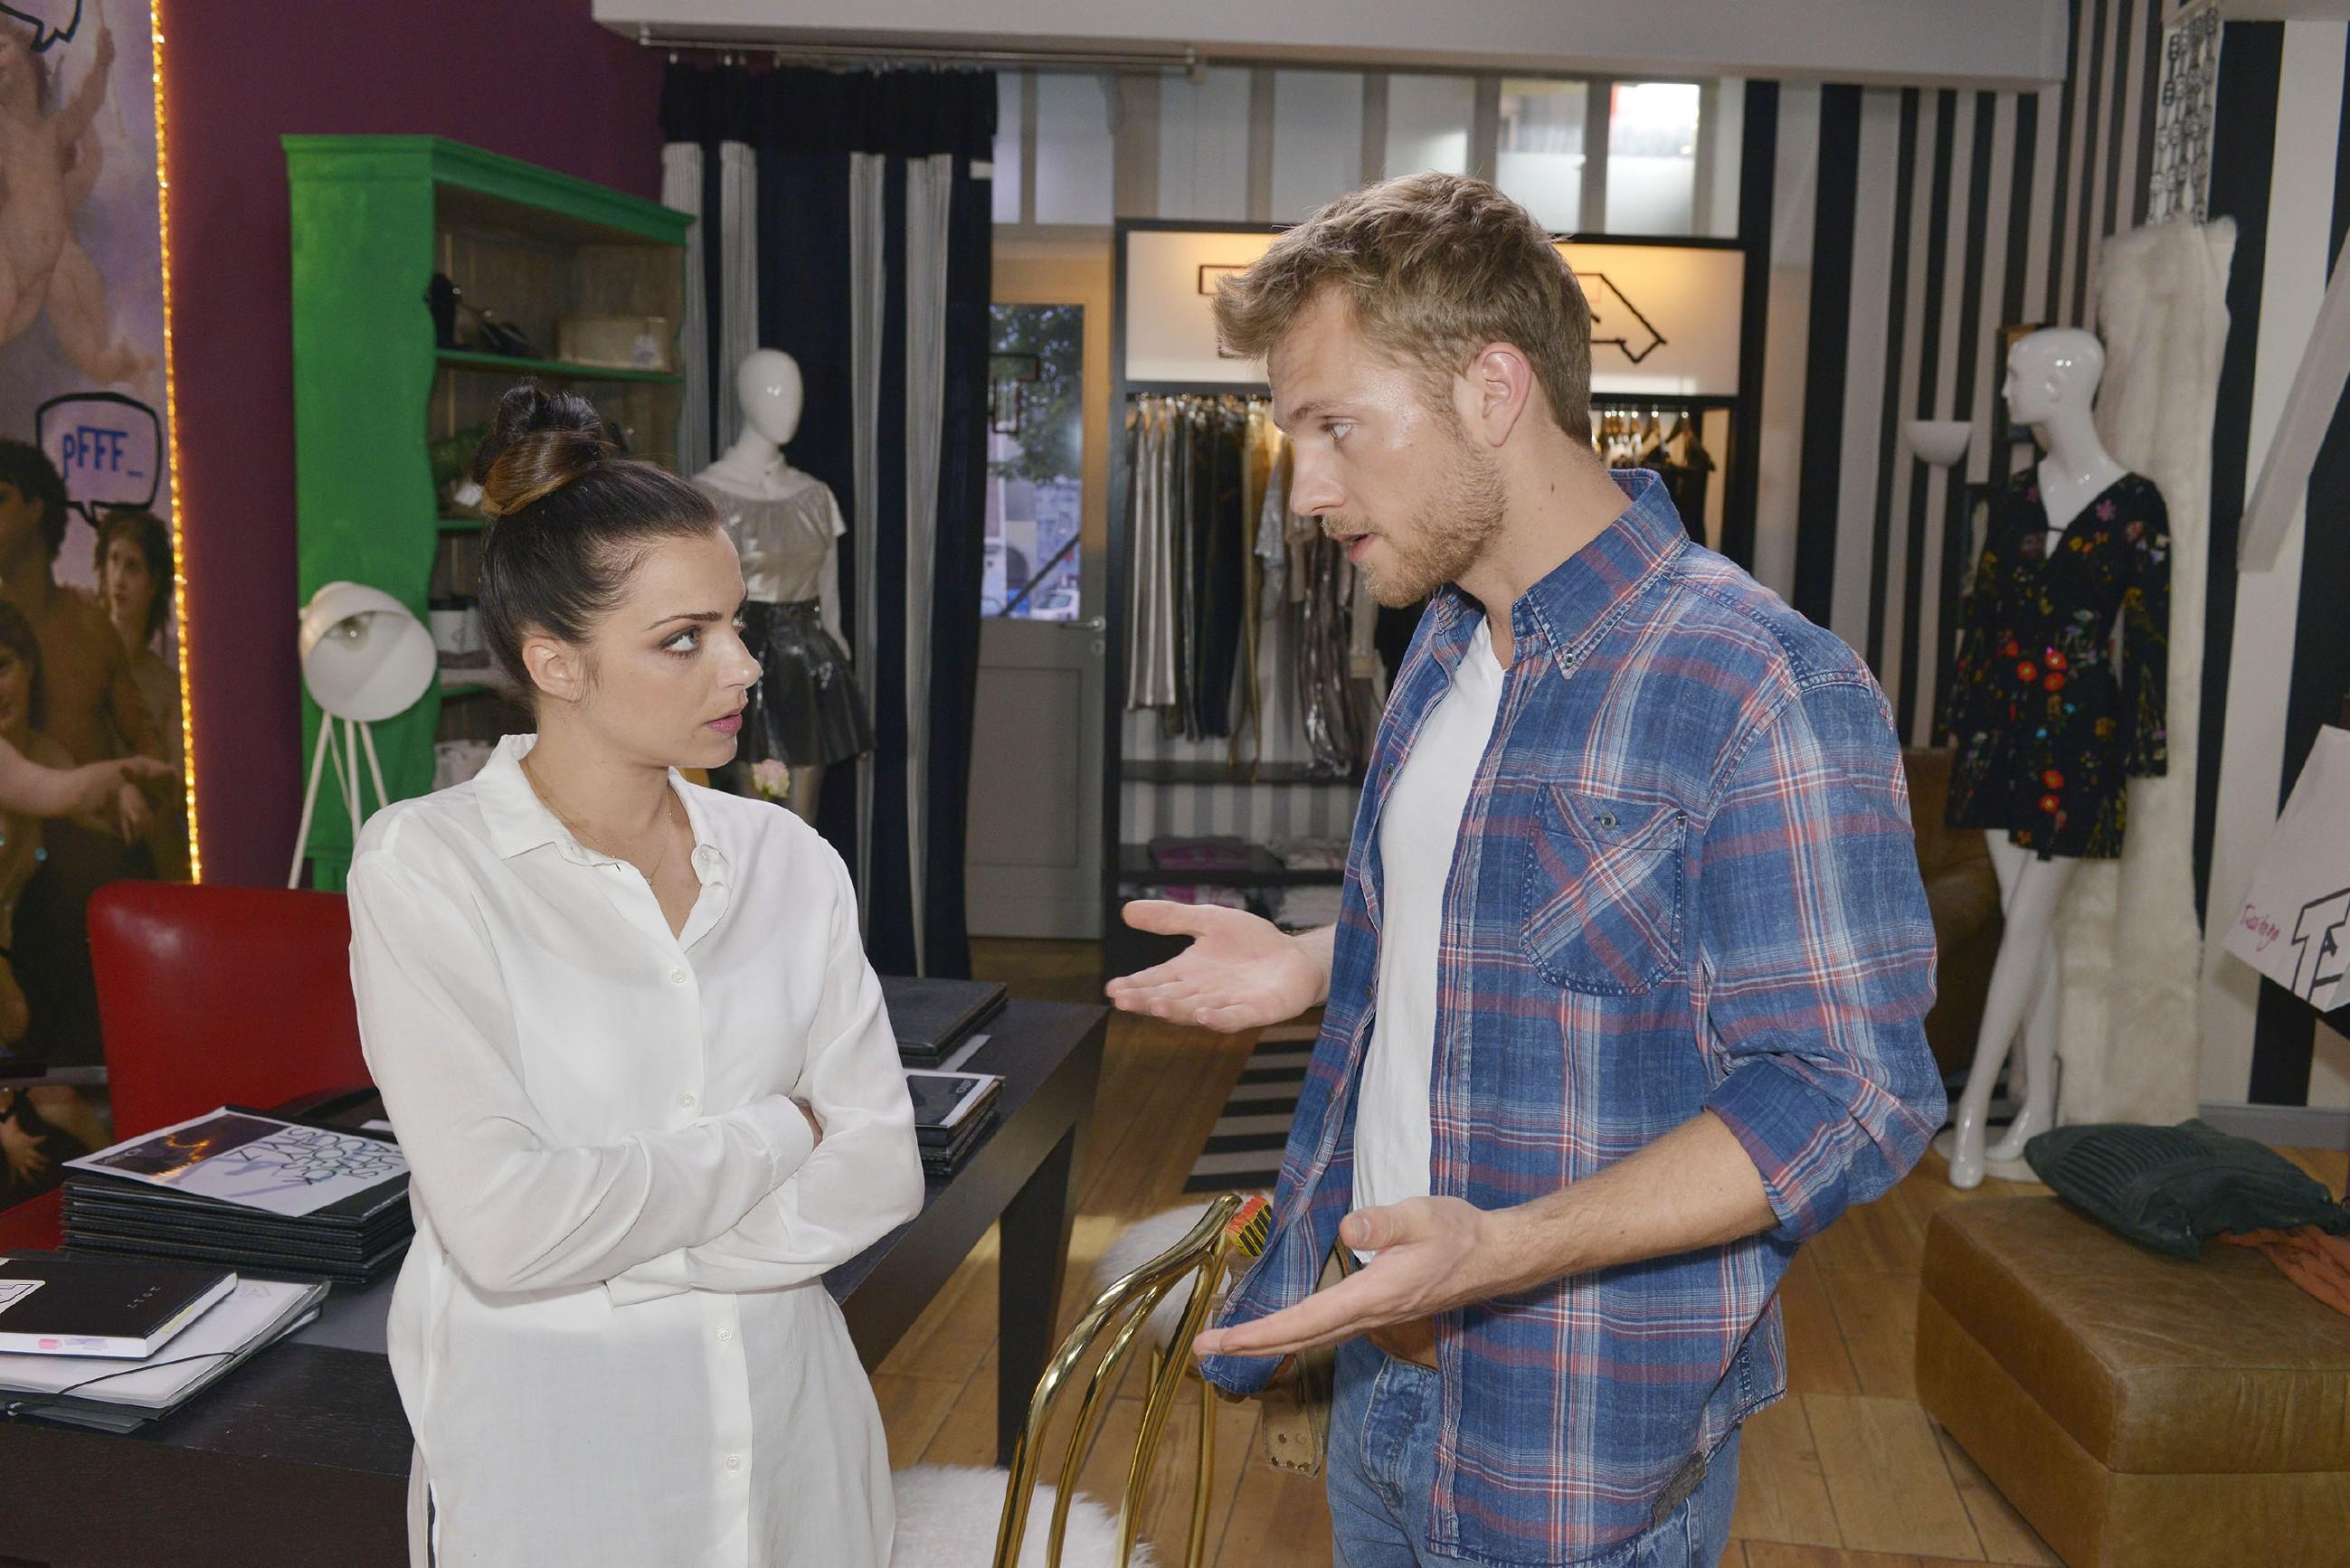 """Nachdem Emily (Anne Menden) gemerkt hat, dass Pauls (Niklas Osterloh) Anwesenheit die Stimmung der anspruchsvollen Modemanagerin von City Stylz hebt, verlangt sie von ihrem Freund, noch ein wenig länger den """"heißen Handwerker"""" zu spielen. (Quelle: RTL / Rolf Baumgartner)"""